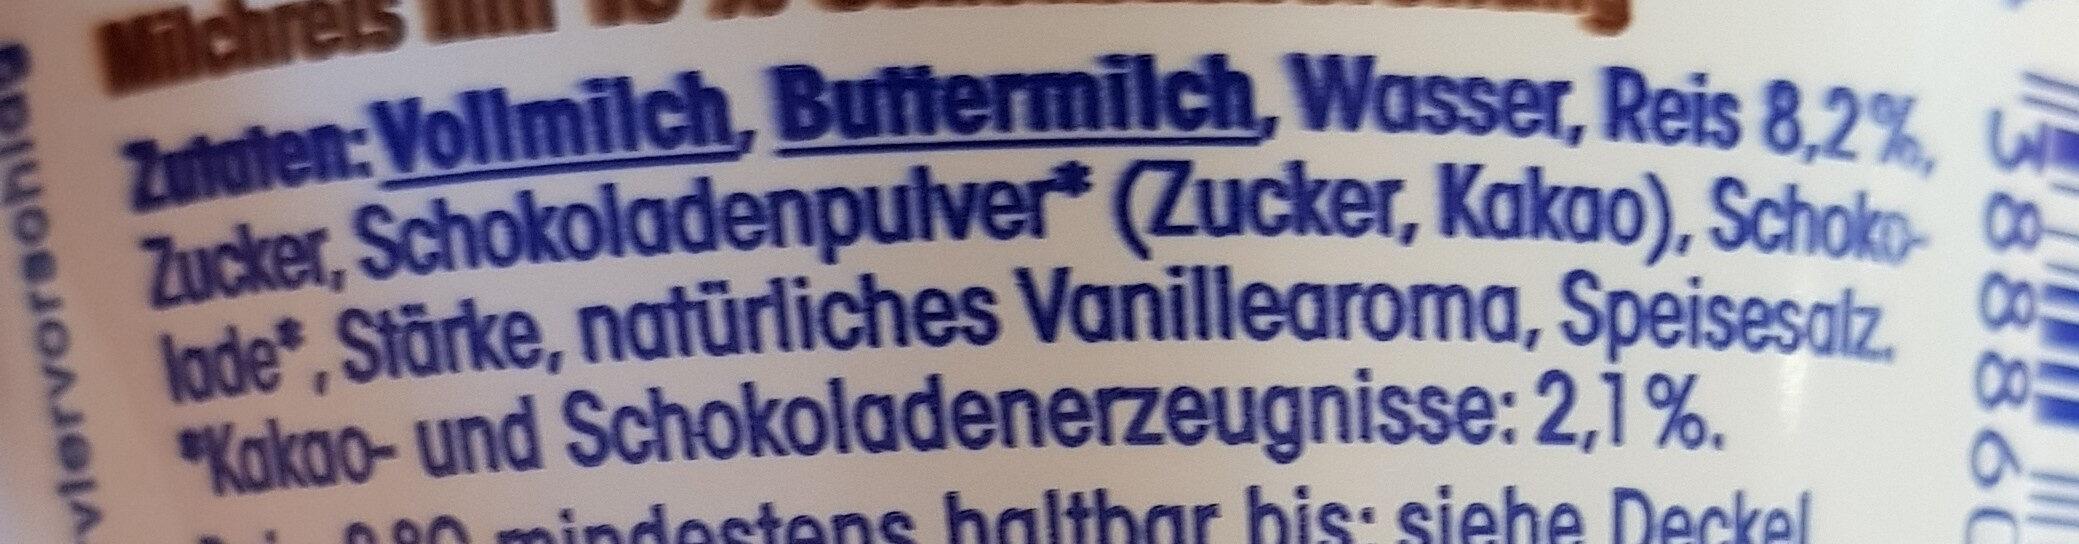 Milchreis Schoko - Inhaltsstoffe - de